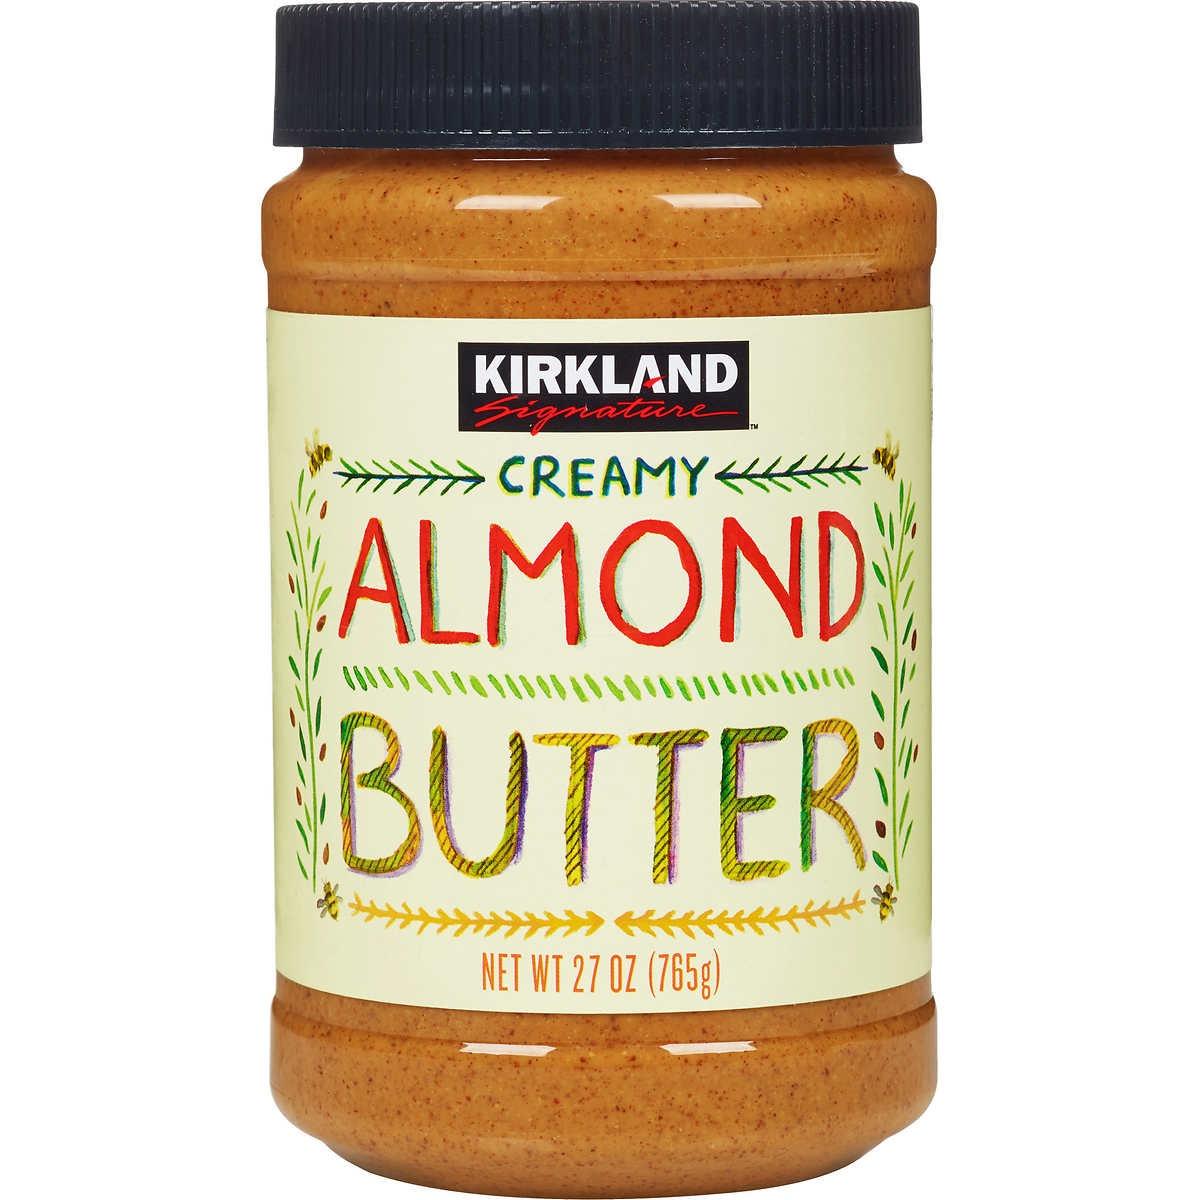 Costco Kirkland Almond Butter {Costco Store-Brand}